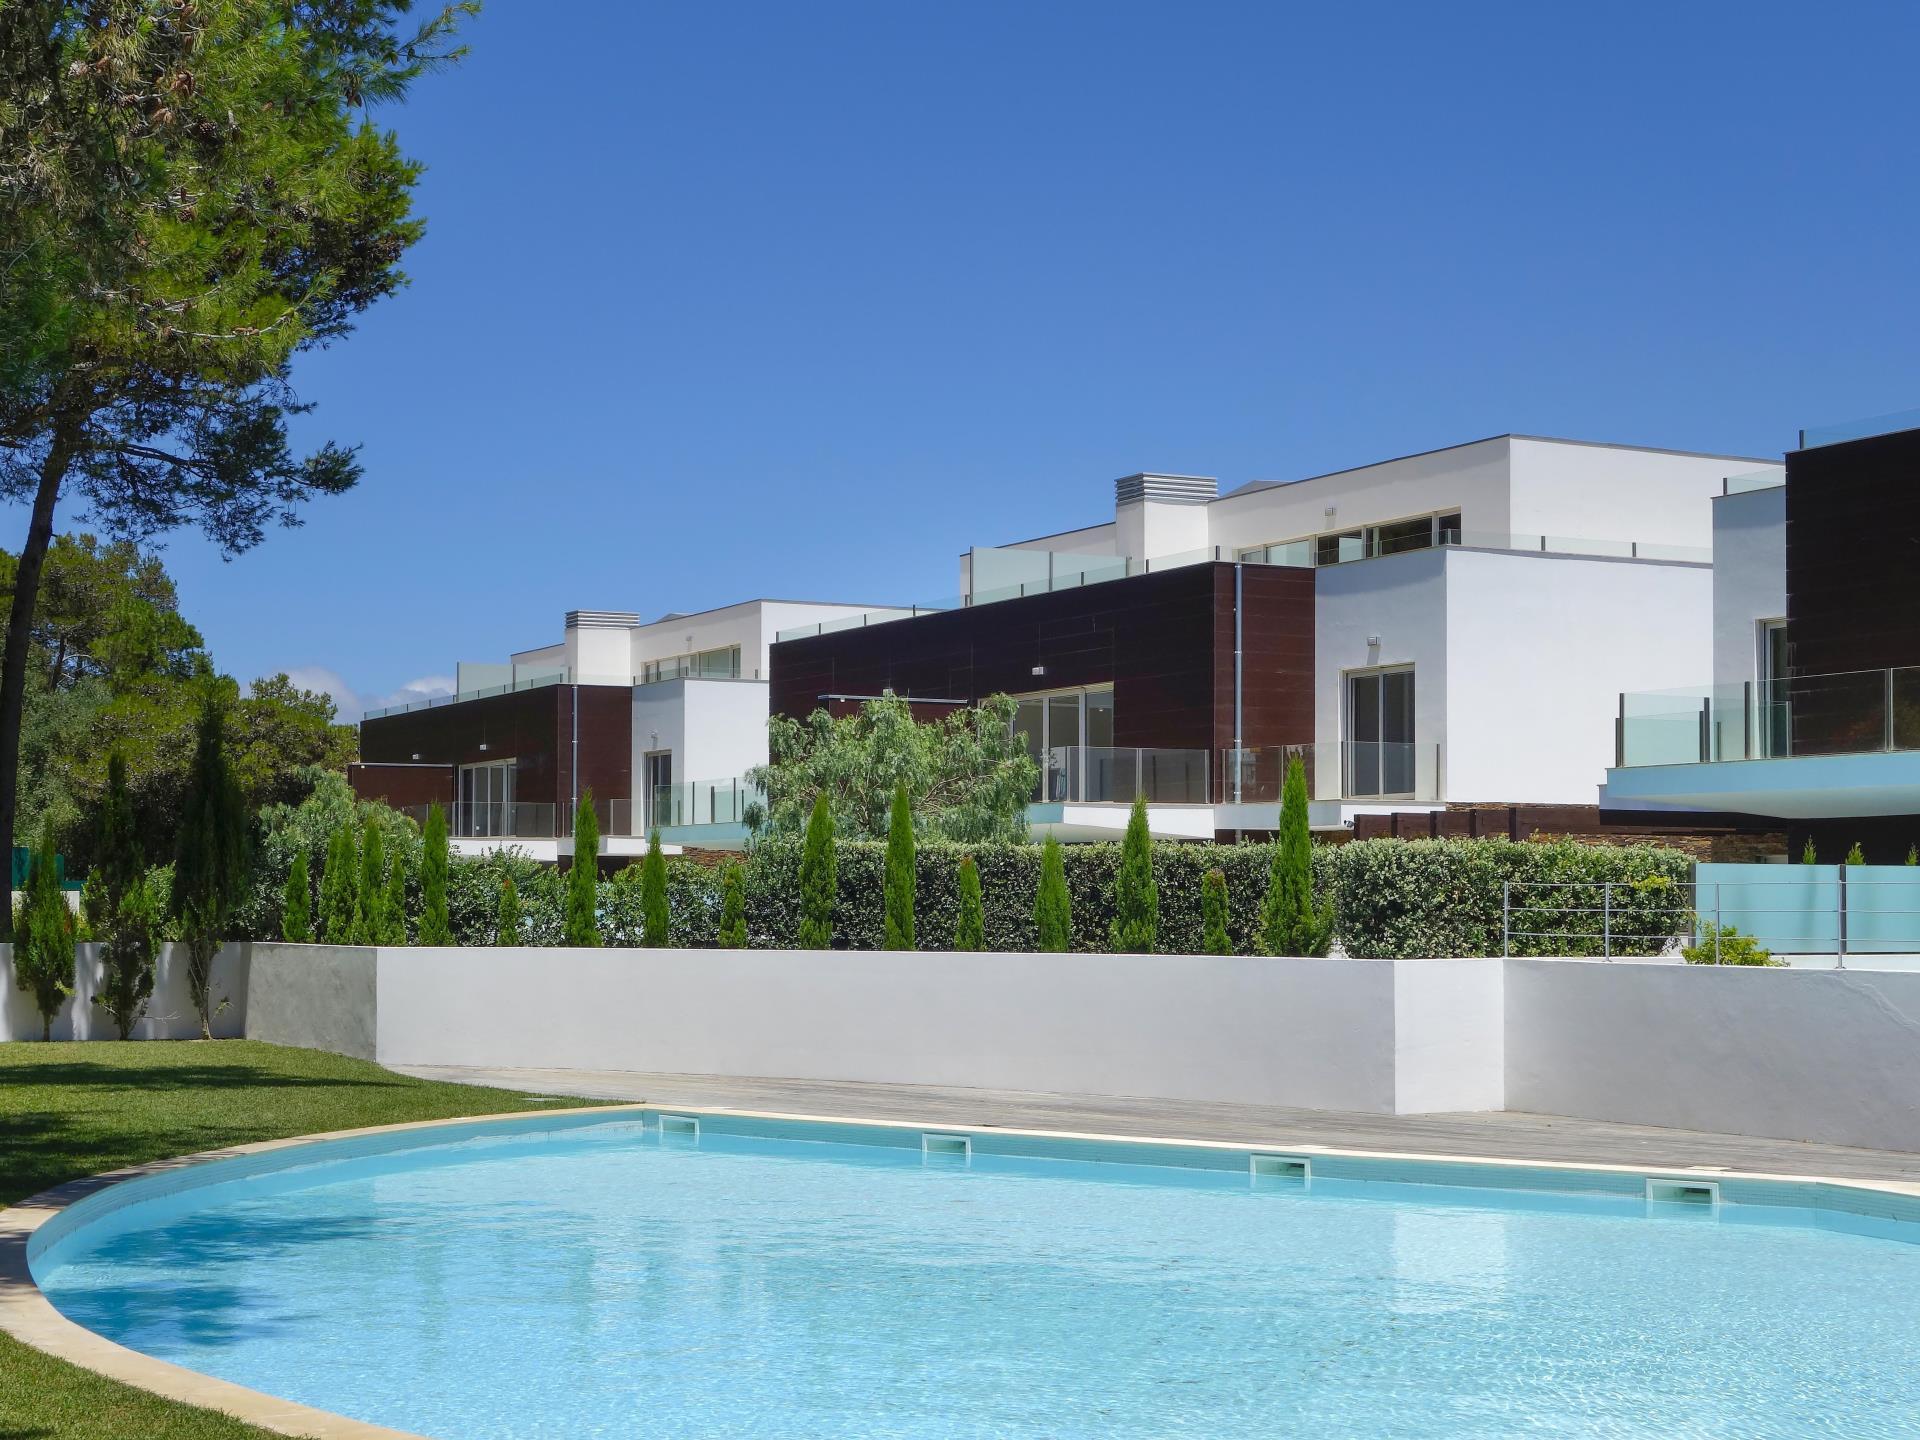 아파트 용 매매 에 Flat, 4 bedrooms, for Sale Cascais, 리스보아 포르투갈